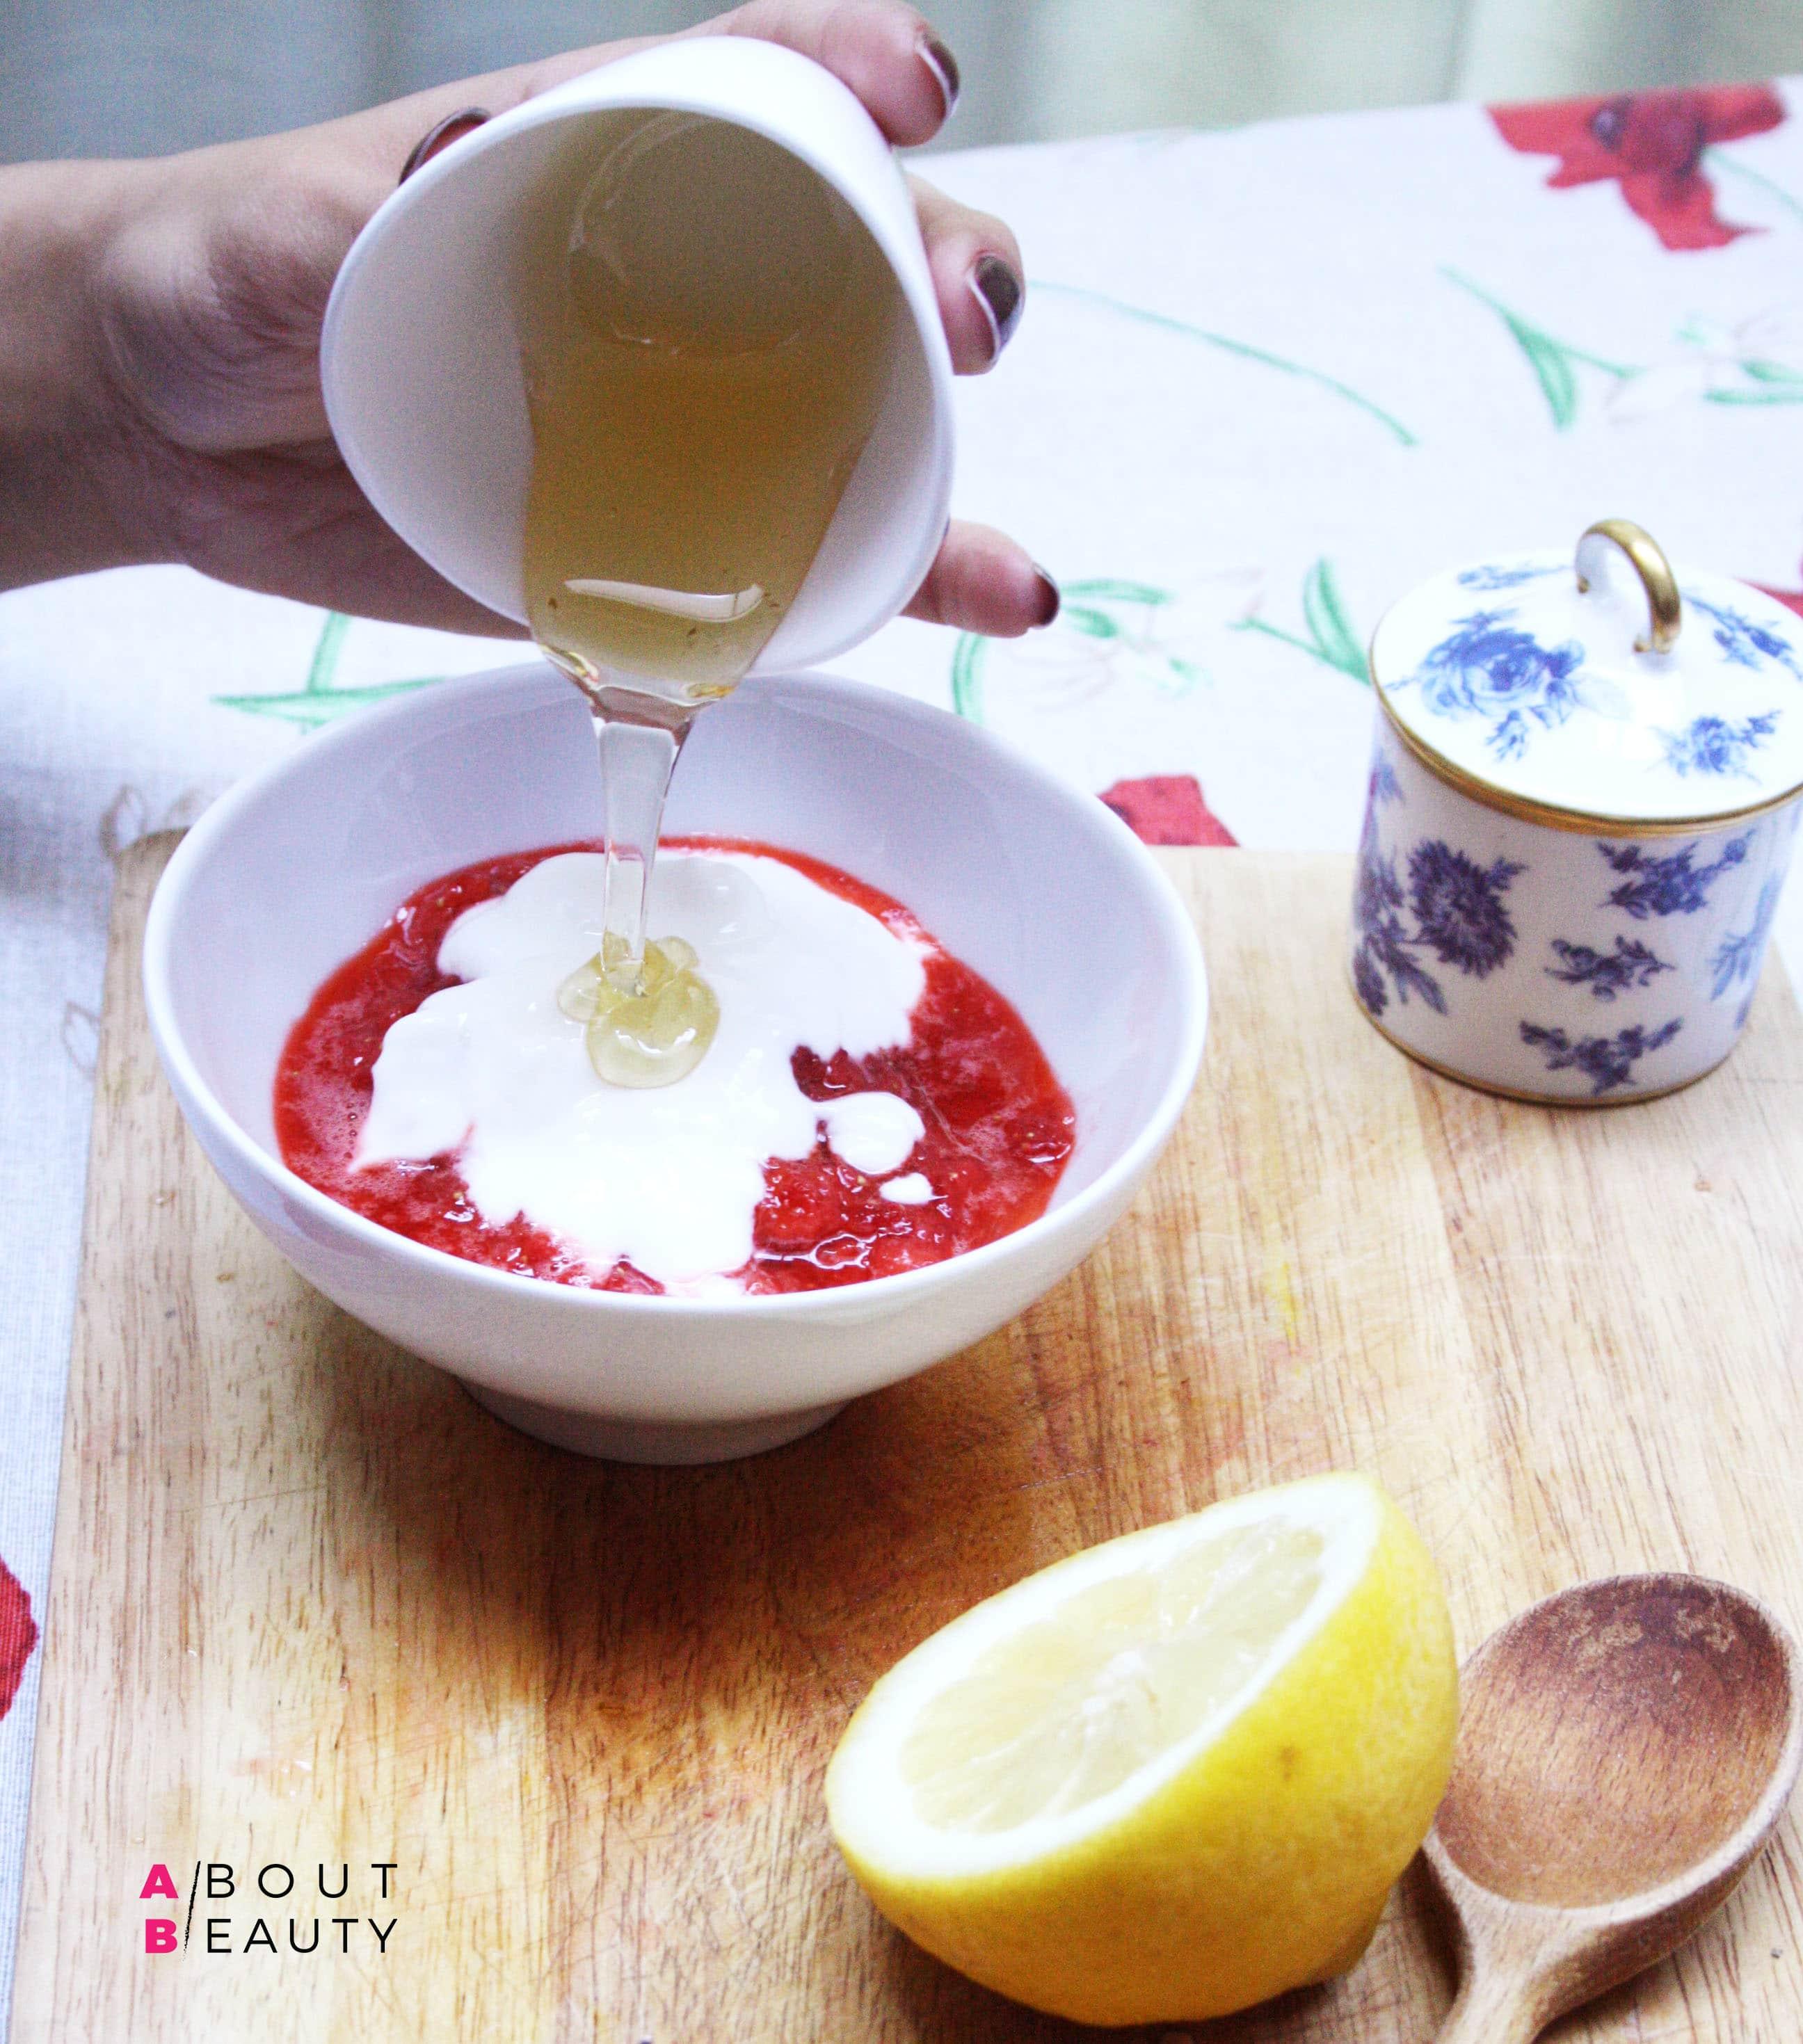 Maschera alle fragole - Le ricette di bellezza di About Beauty - Il procedimento